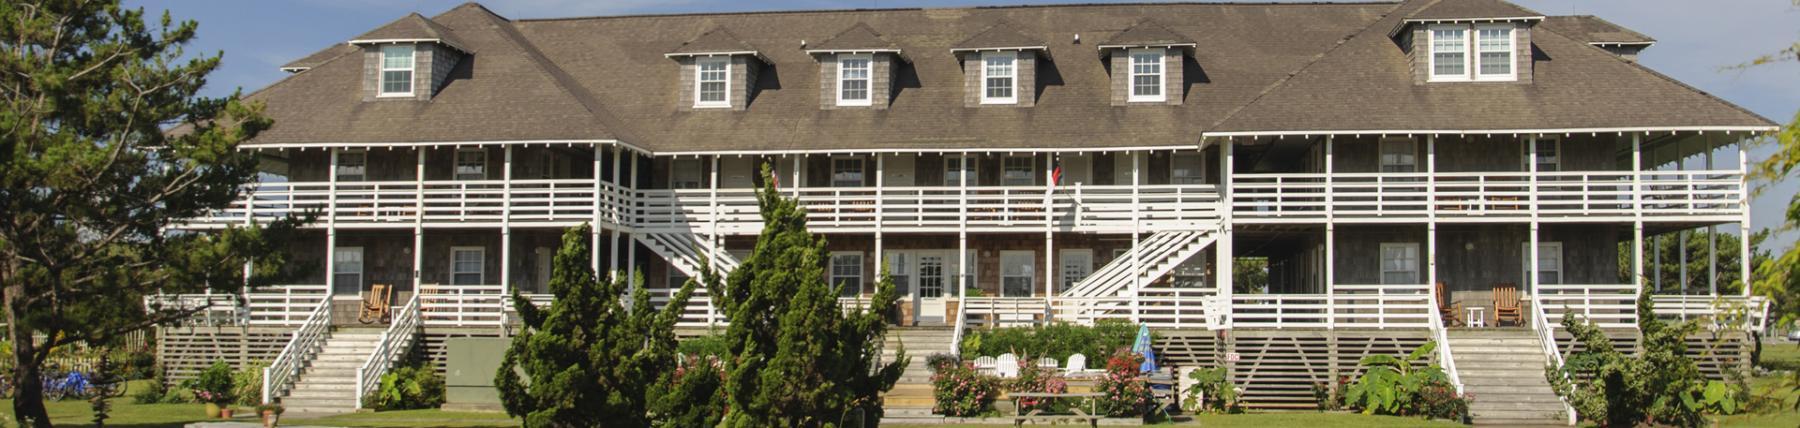 First Colony Inn